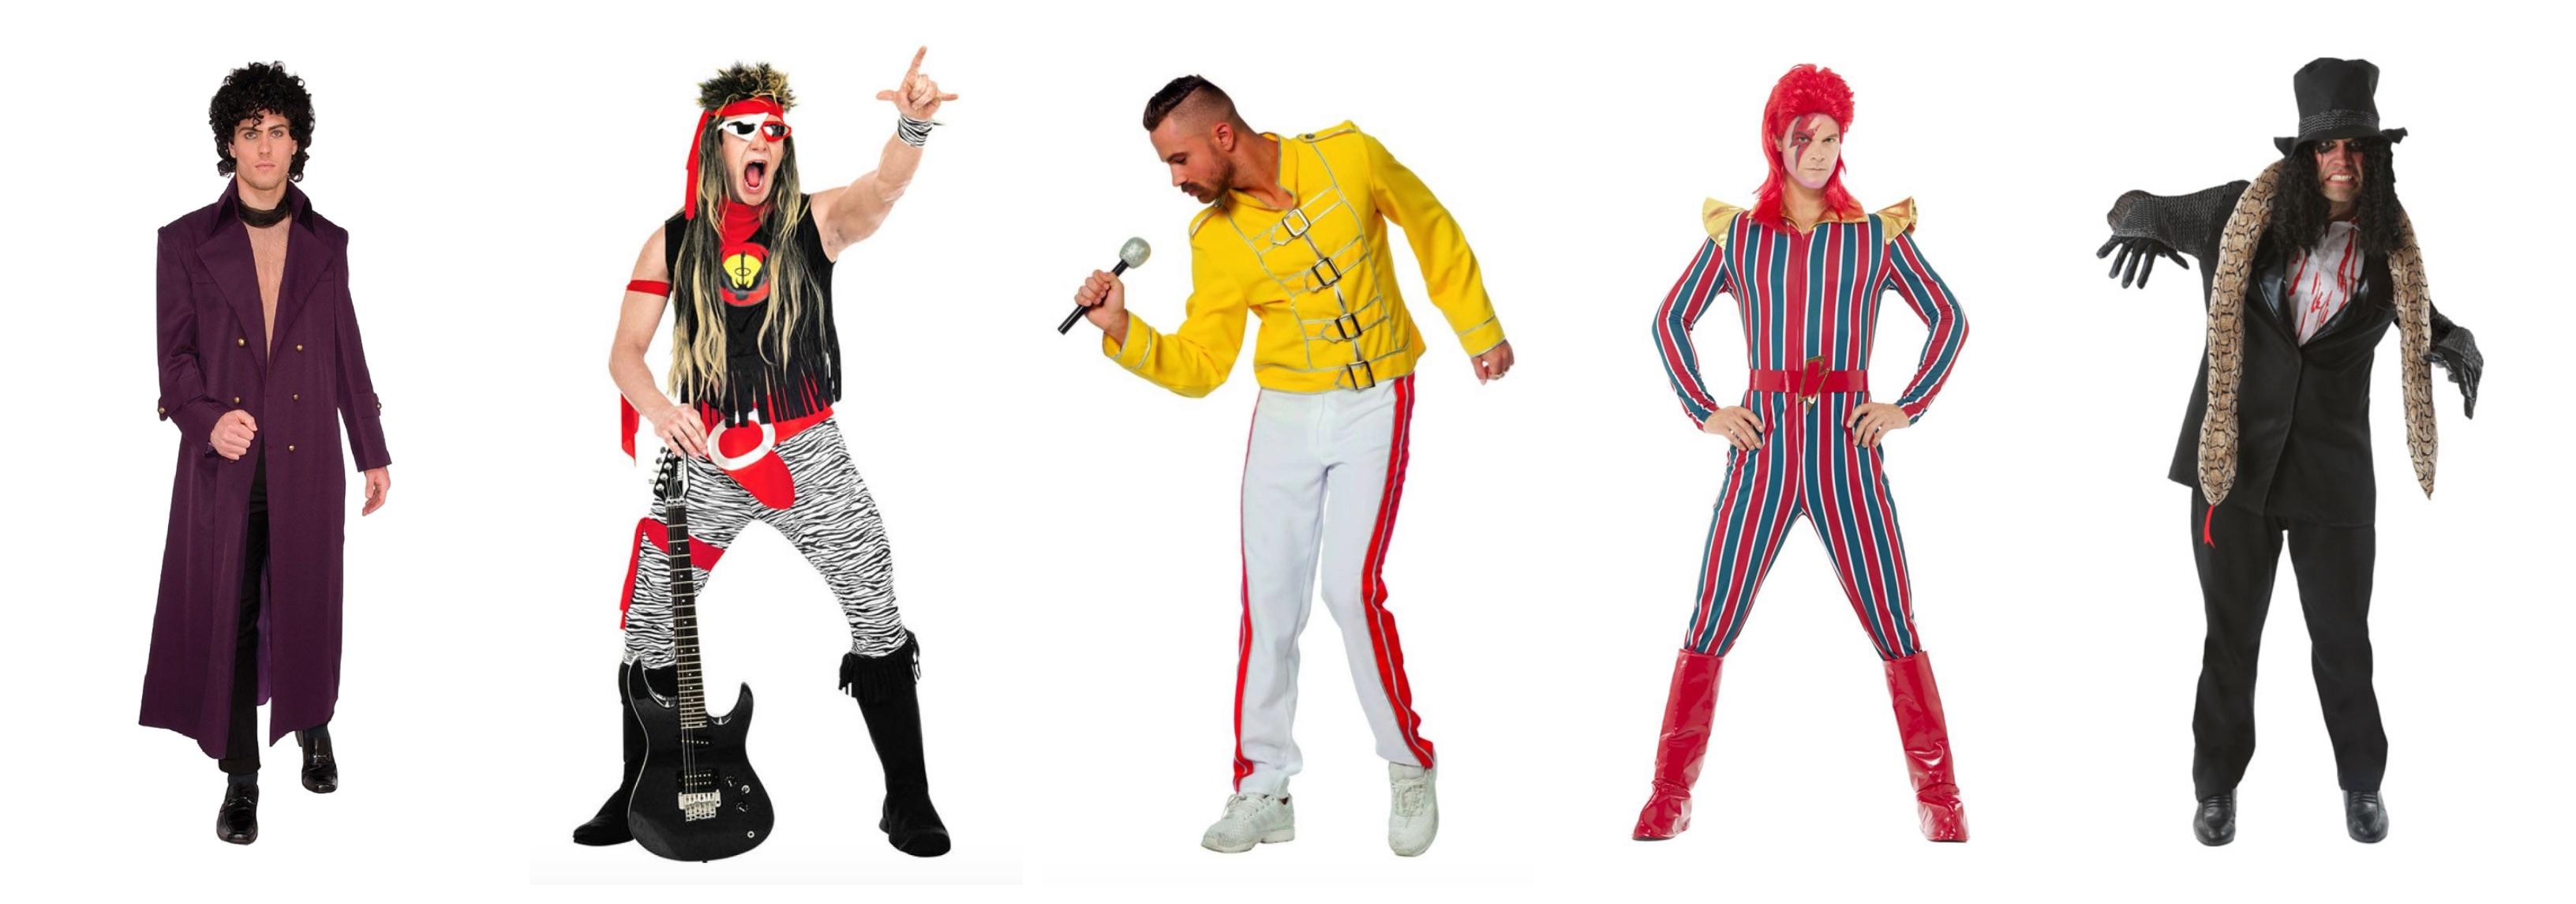 rock stjerne kostume til voksne - Rockstjerne kostume til voksne